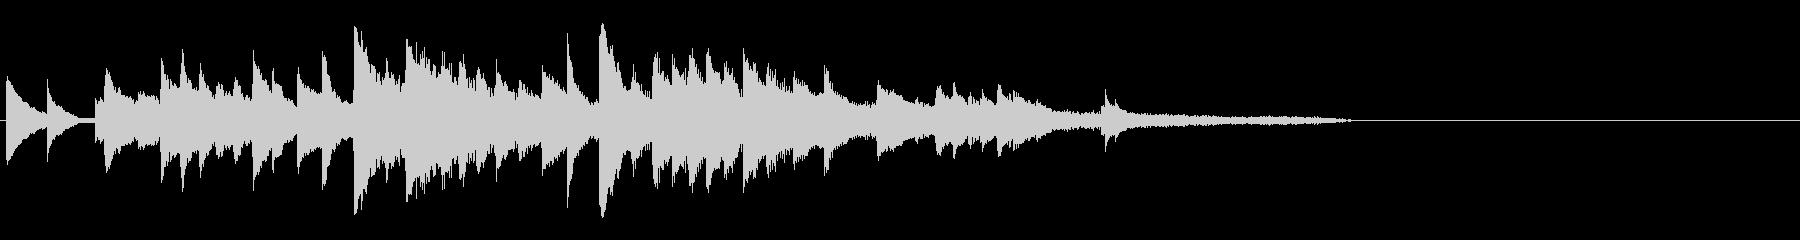 感動系ピアノBGMの未再生の波形